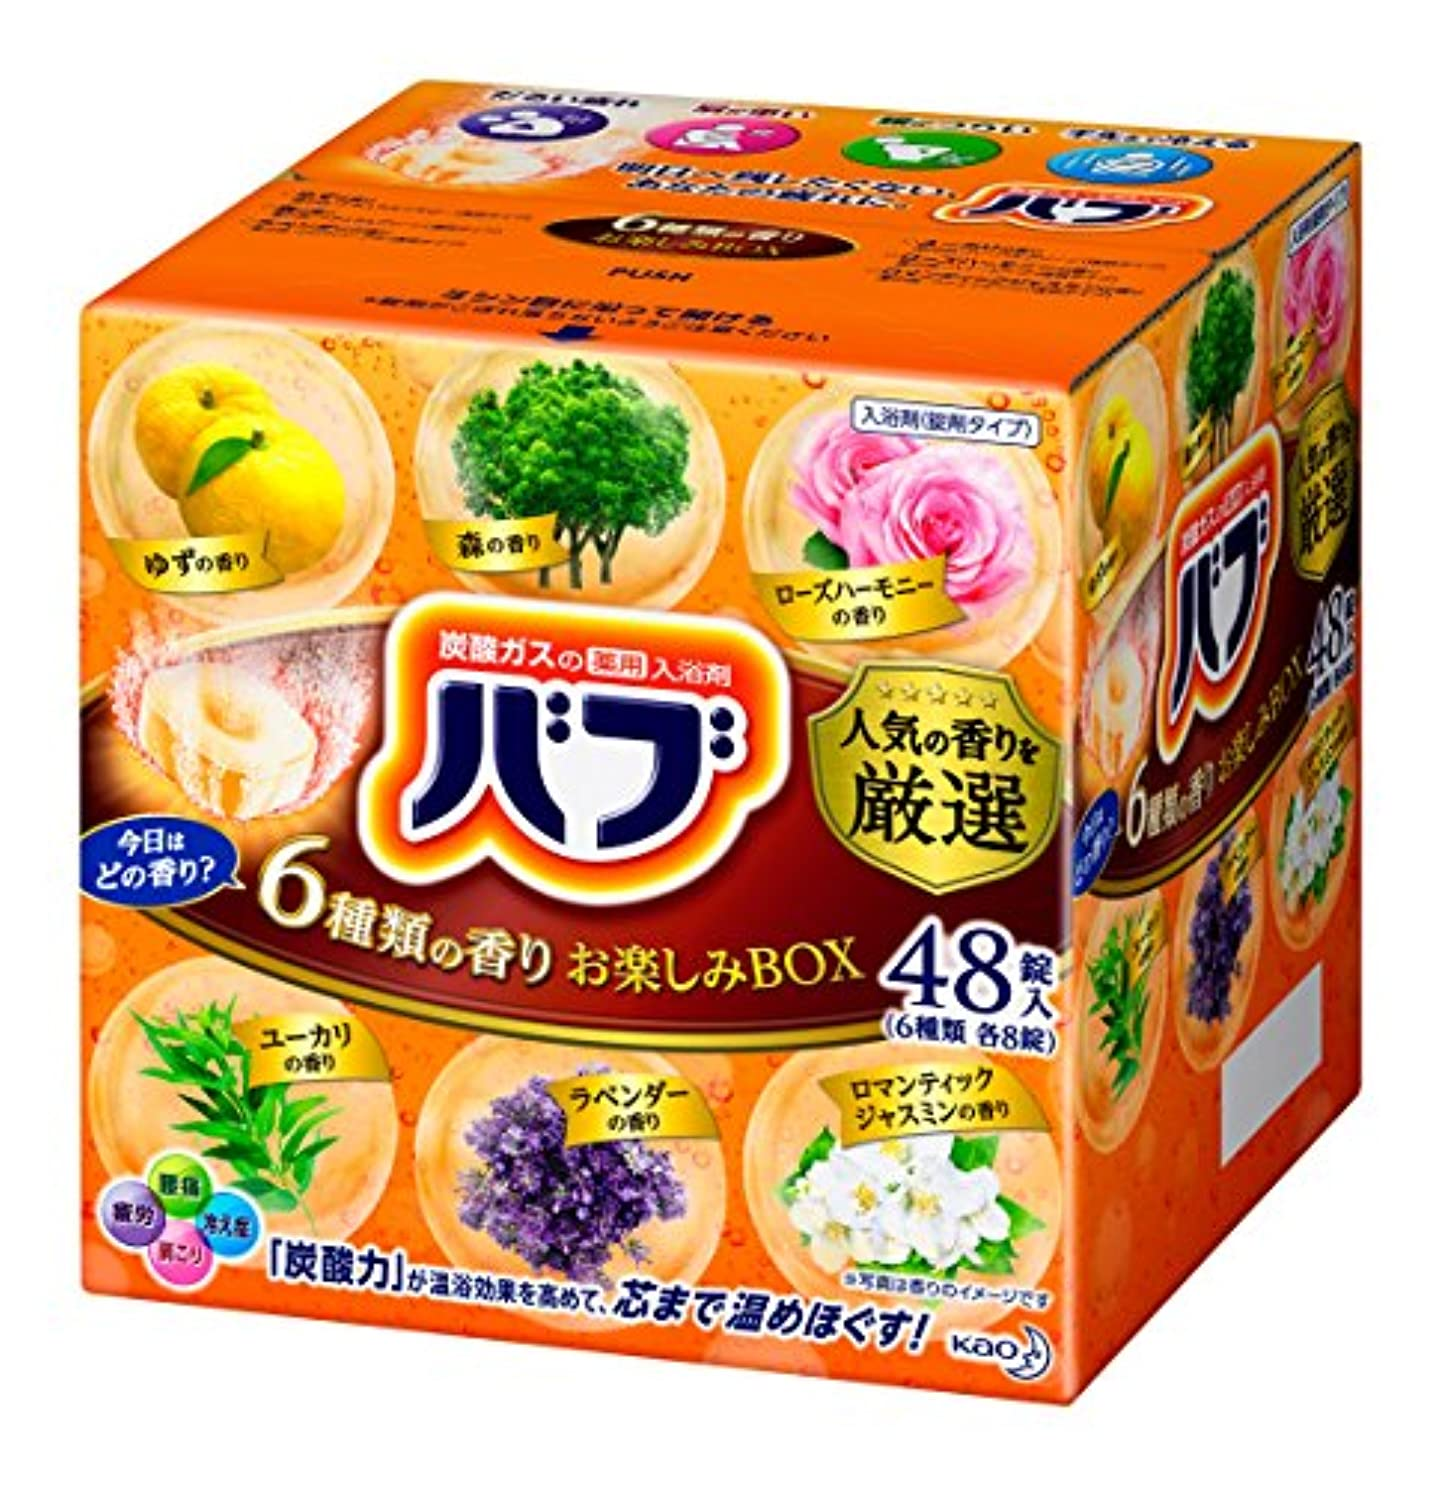 機動月曜日ガレージ【大容量】バブ 6つの香りお楽しみBOX 48錠